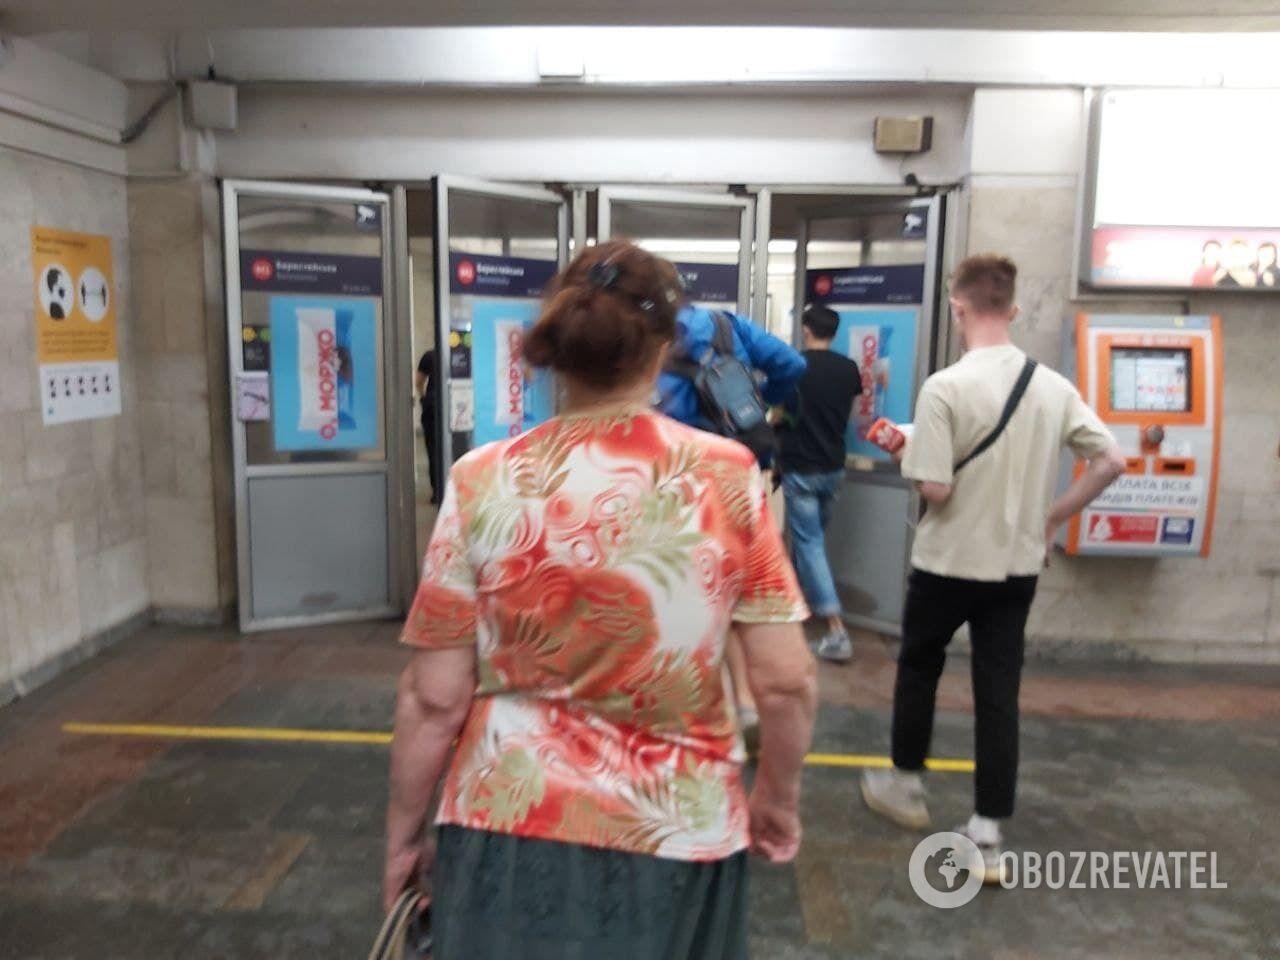 Станцію відкрили о 15:15.